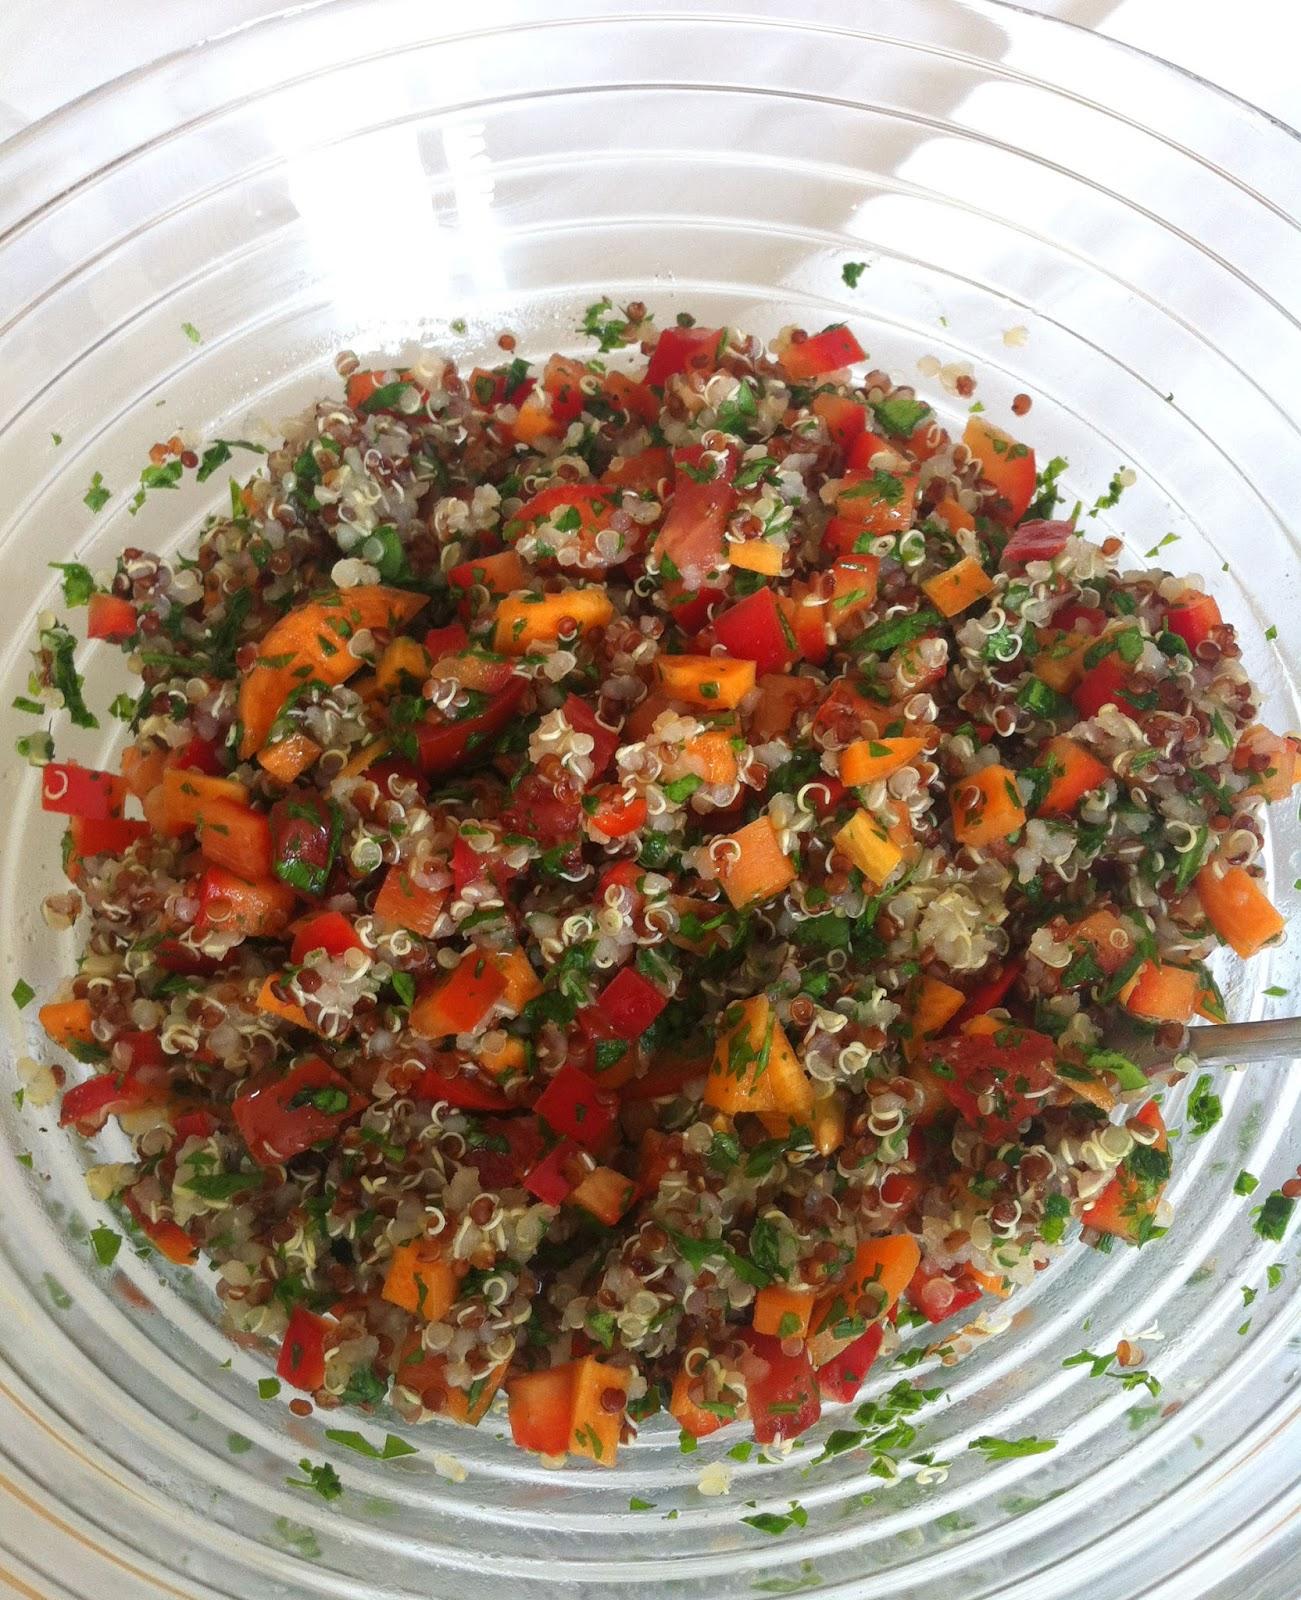 Cuisiner bien quinoa salat for Cuisiner quinoa